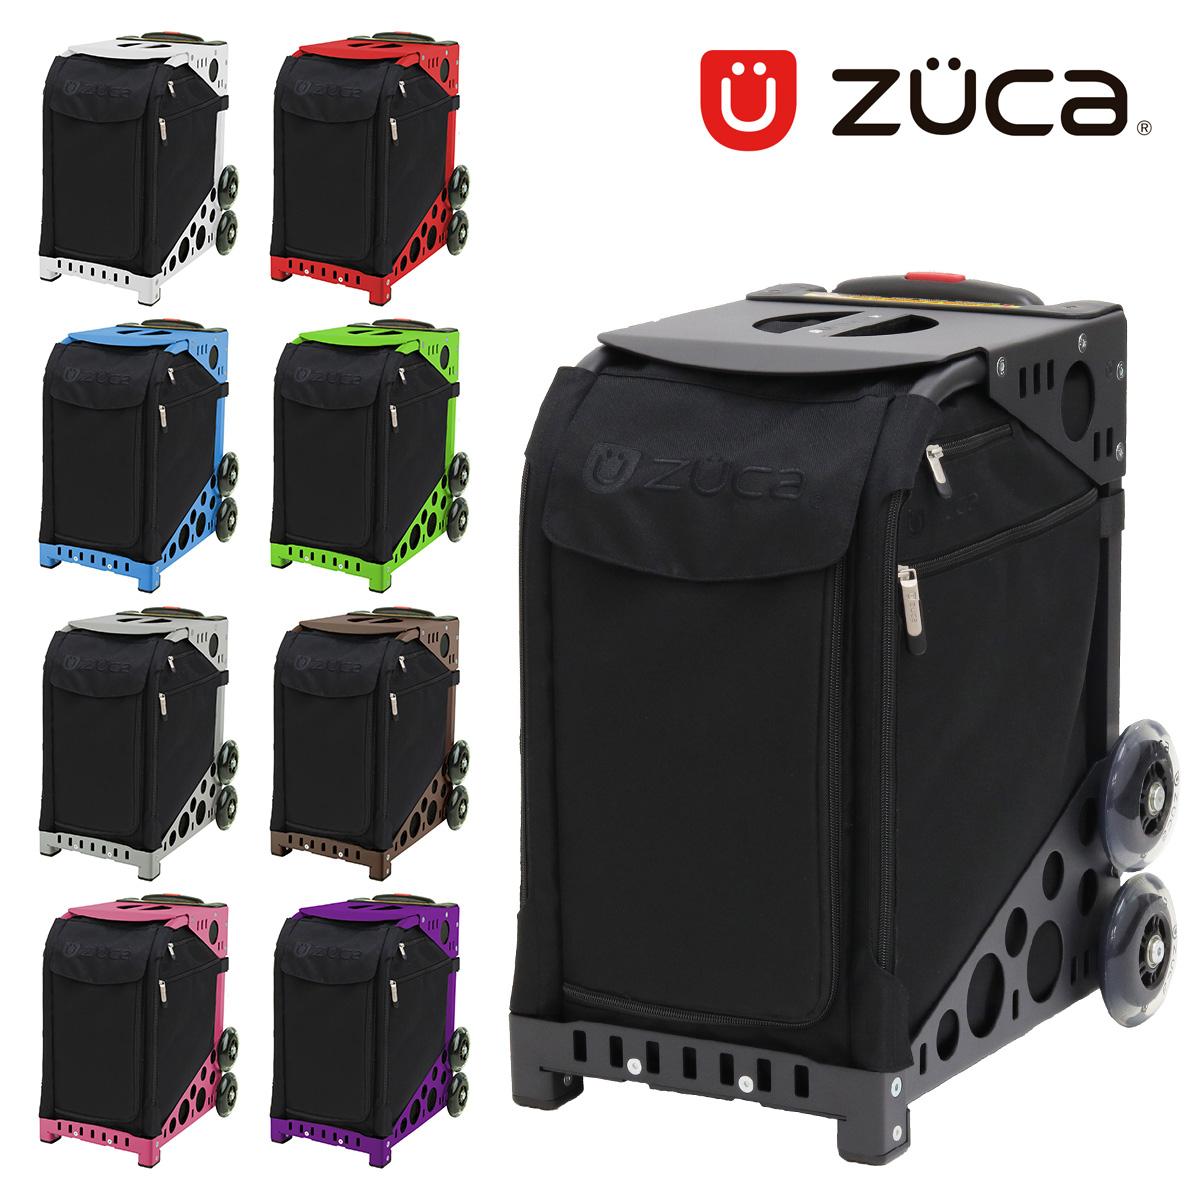 ズーカ スーツケース SPORT Japan Edition 100612 メンズ レディースZUCAスポーツ ジャパンエディション キャリーケース 機内持ち込み可能